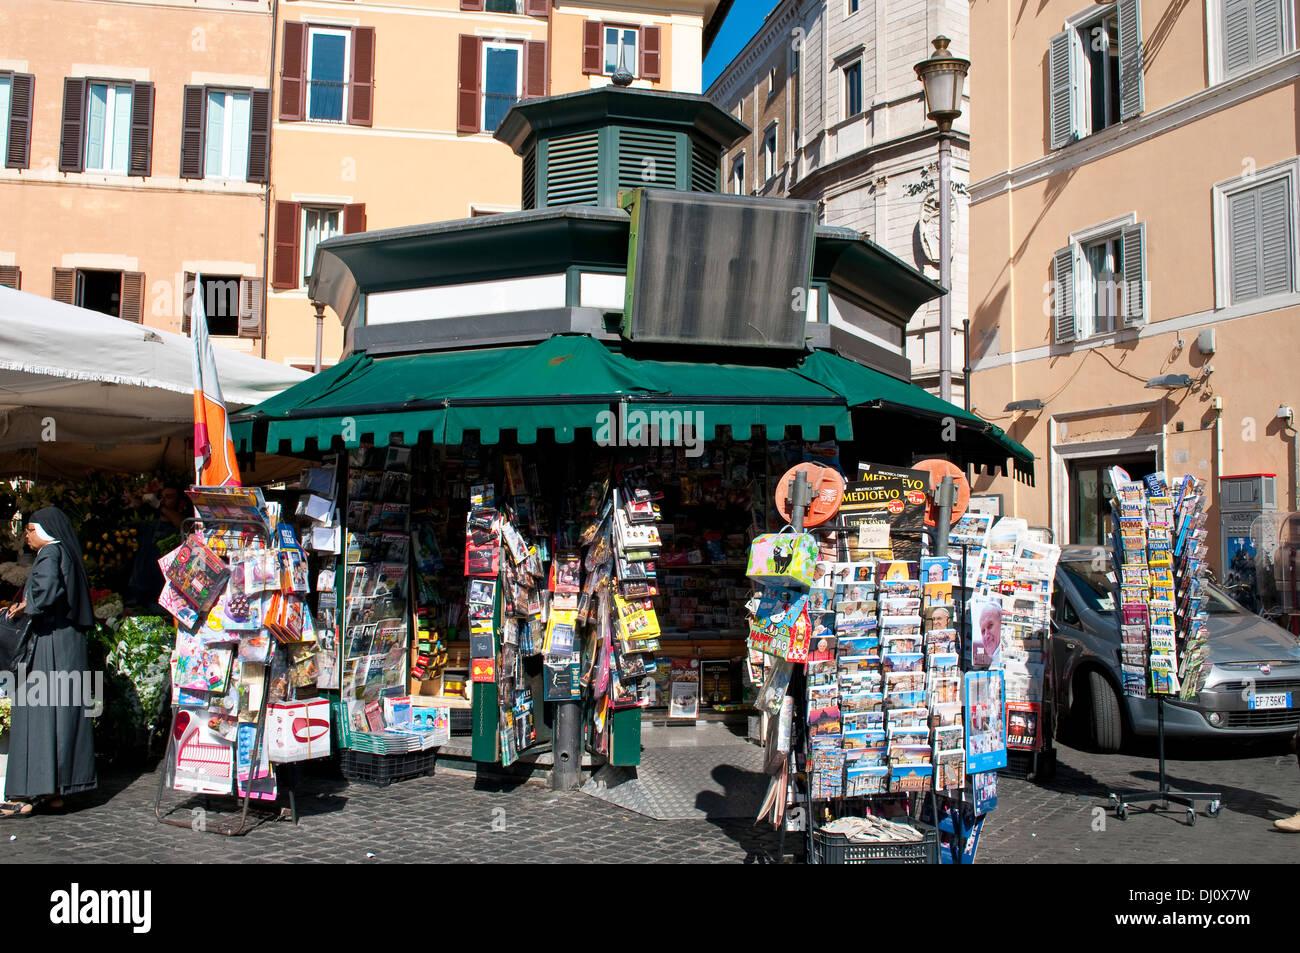 Postcards stall, Campo de' Fiori market, Rome, Italy - Stock Image